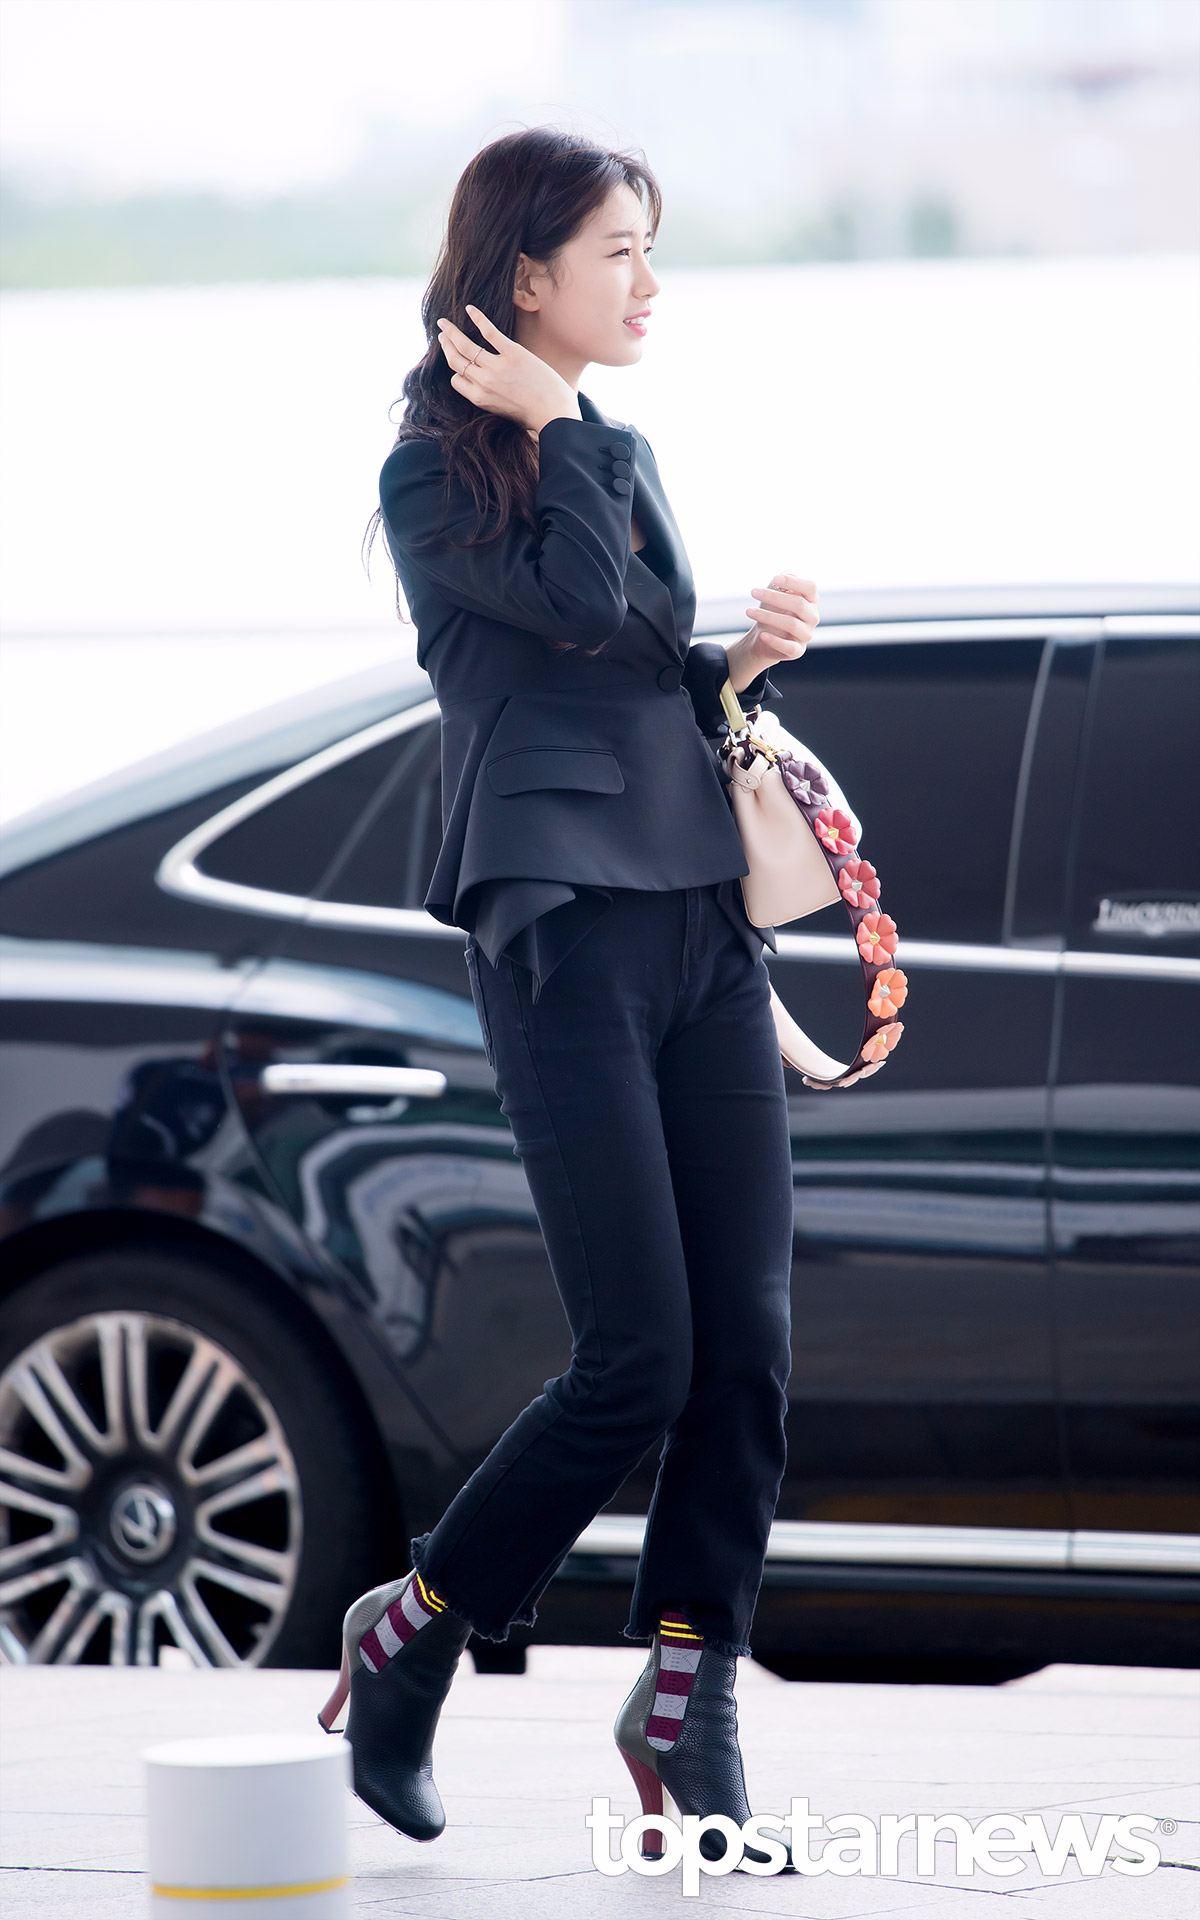 以淡妝打扮的秀智,只穿著簡單俐落的黑色套裝也是美到沒話說呢!!!!!